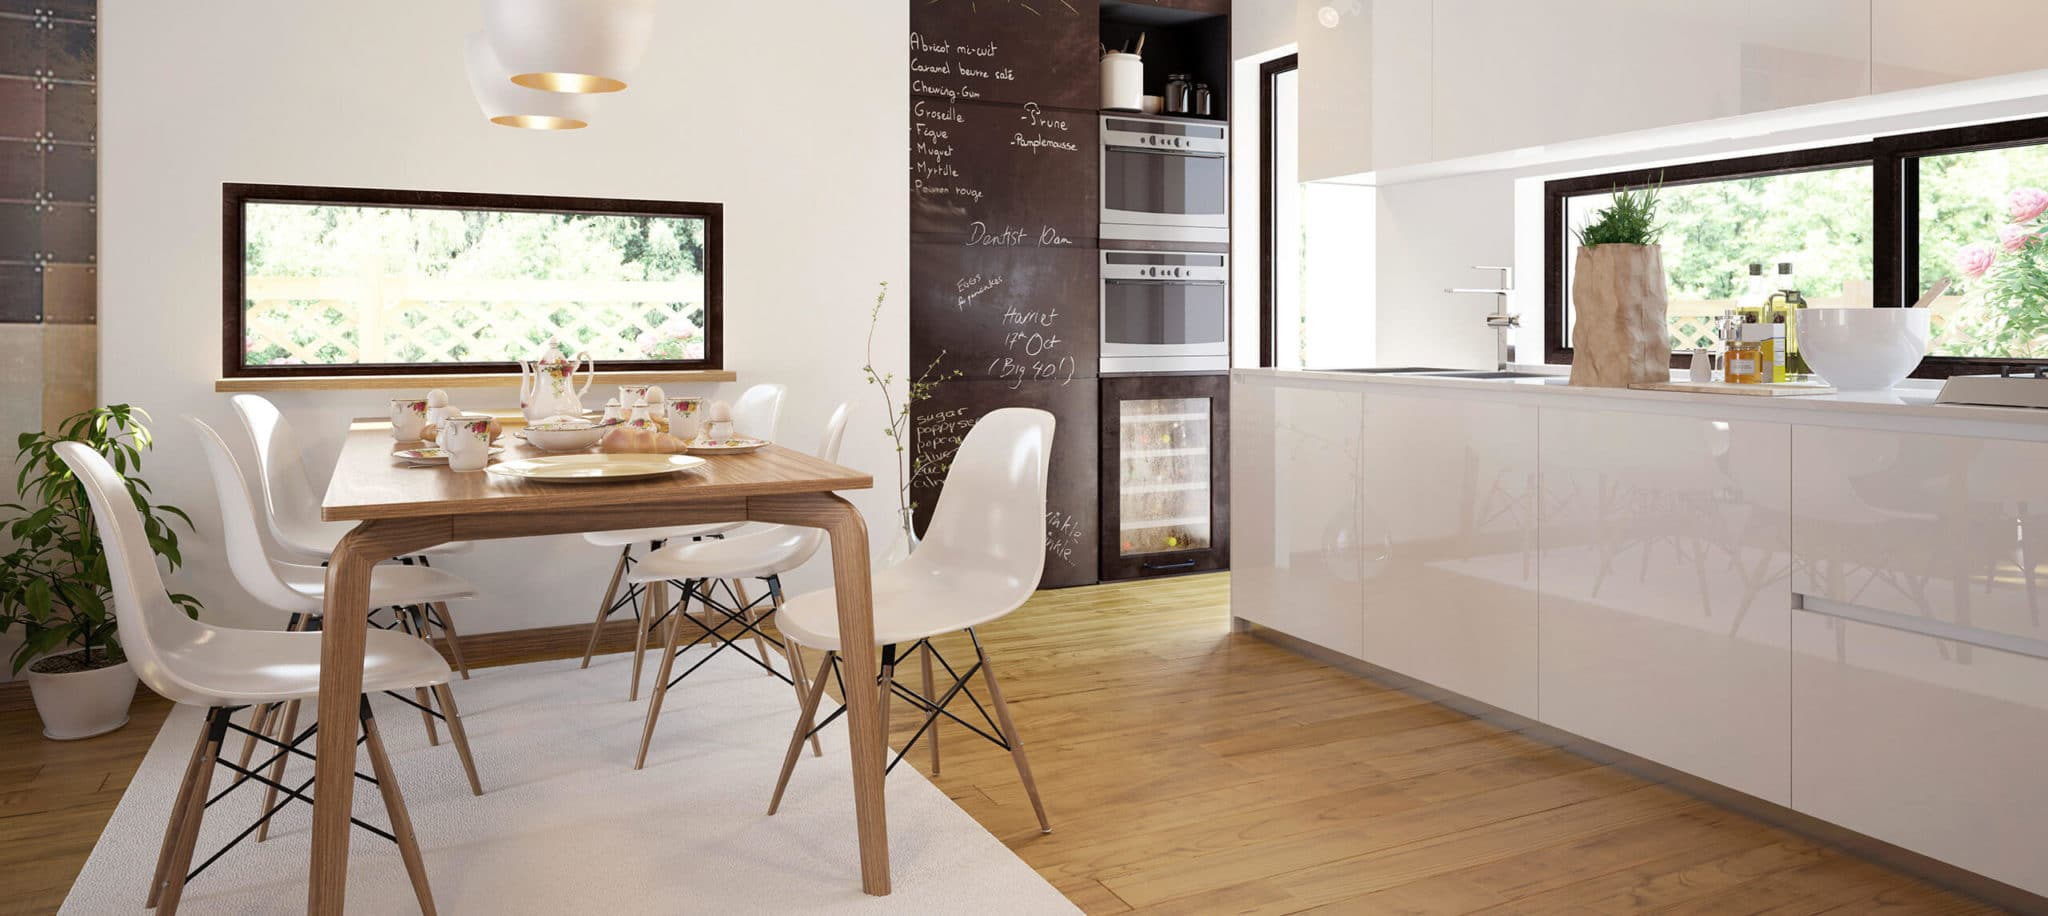 Grupo Coeco: Tienda Cocinas Madrid, Fabricantes de Cocinas